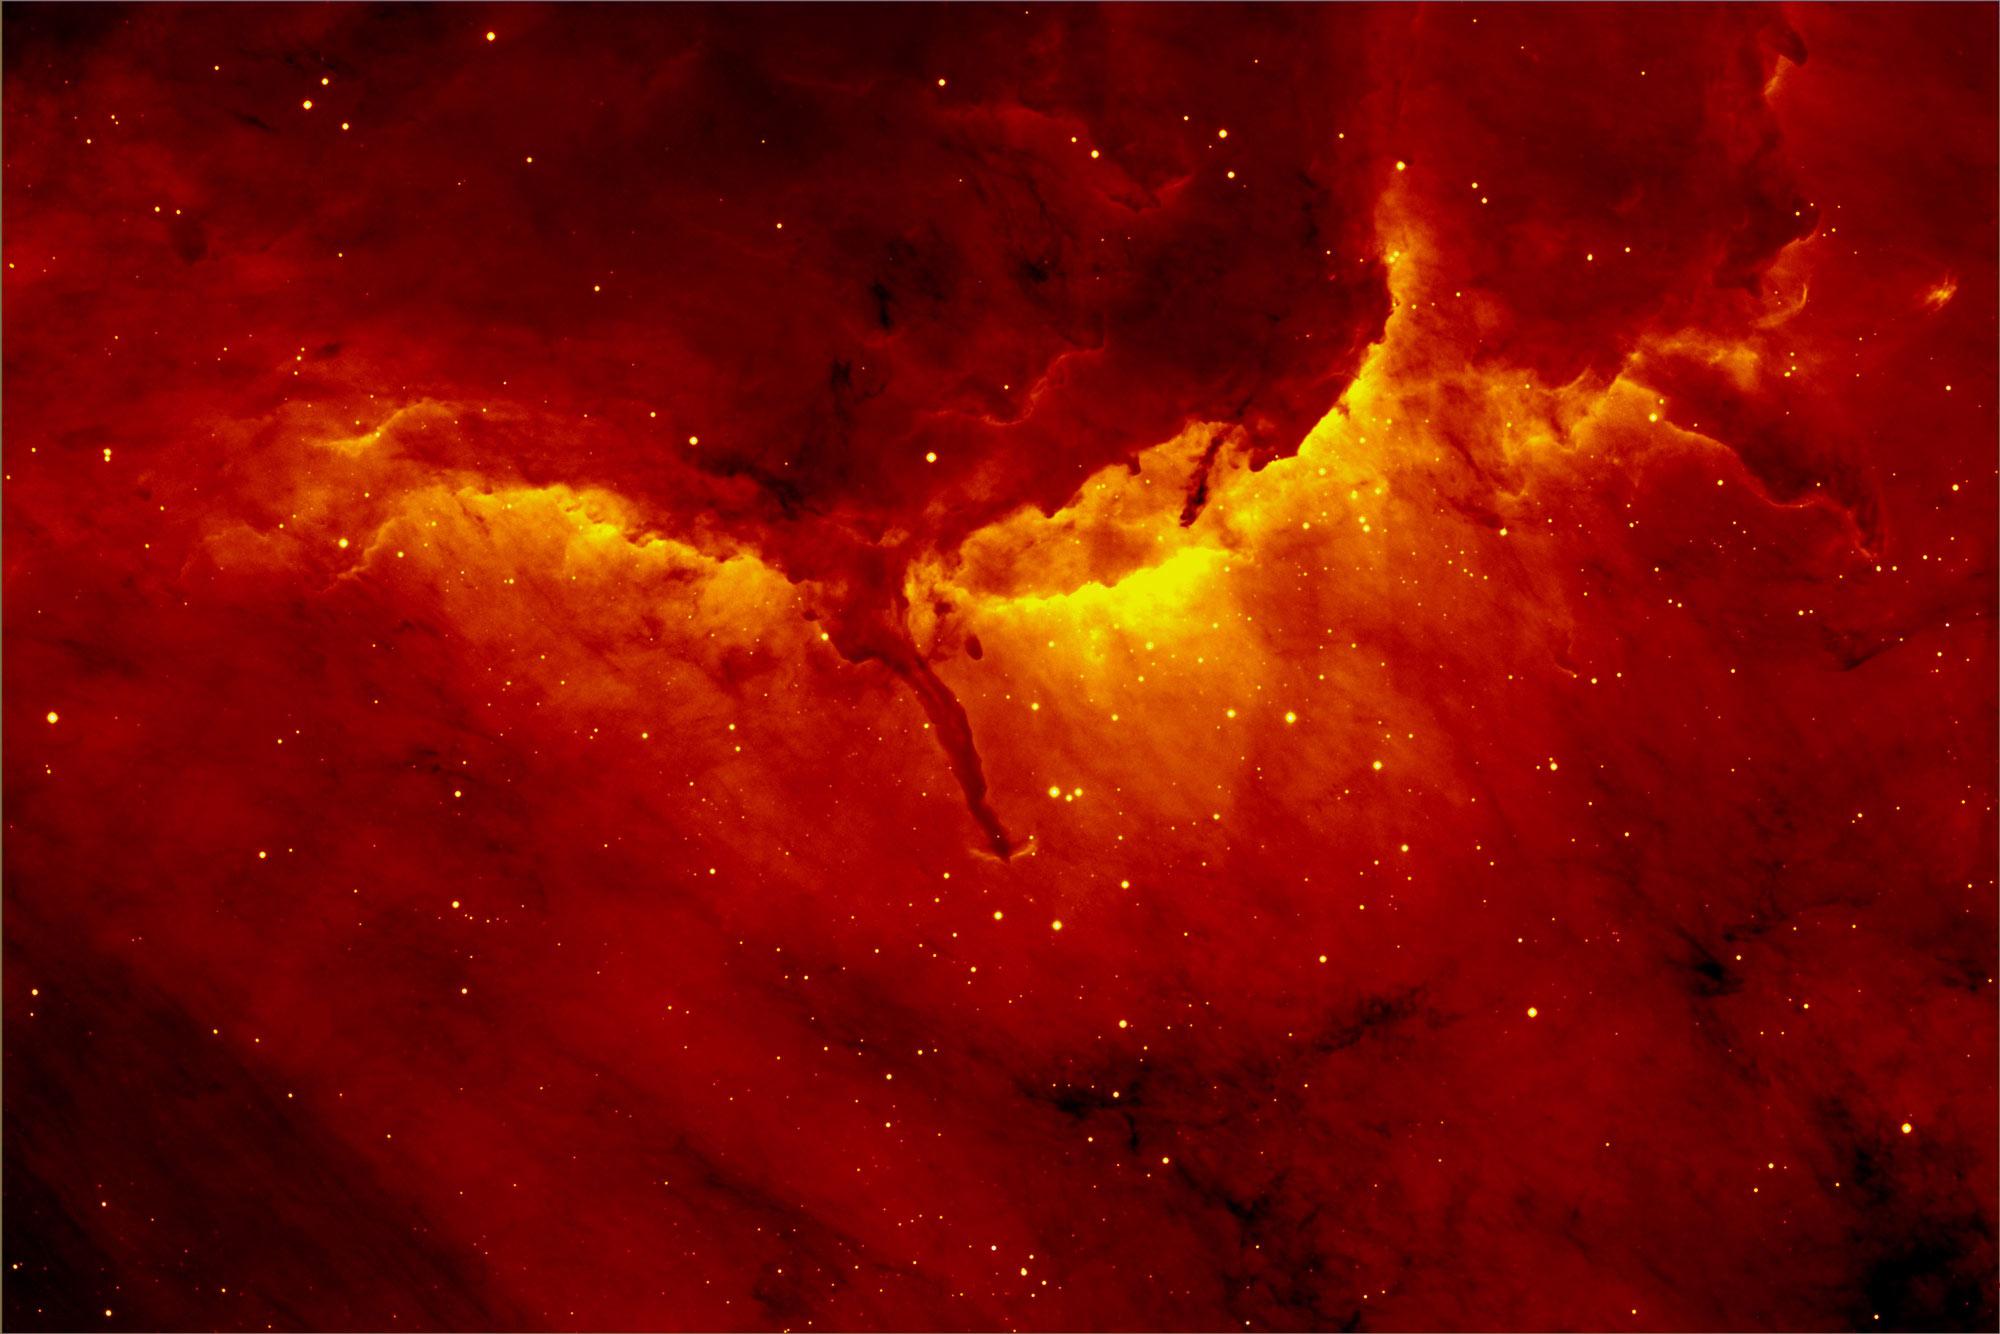 Imagem da nebulosa do Pelicano obtida pelo projeto que produziu o novo catálogo da Via Láctea.